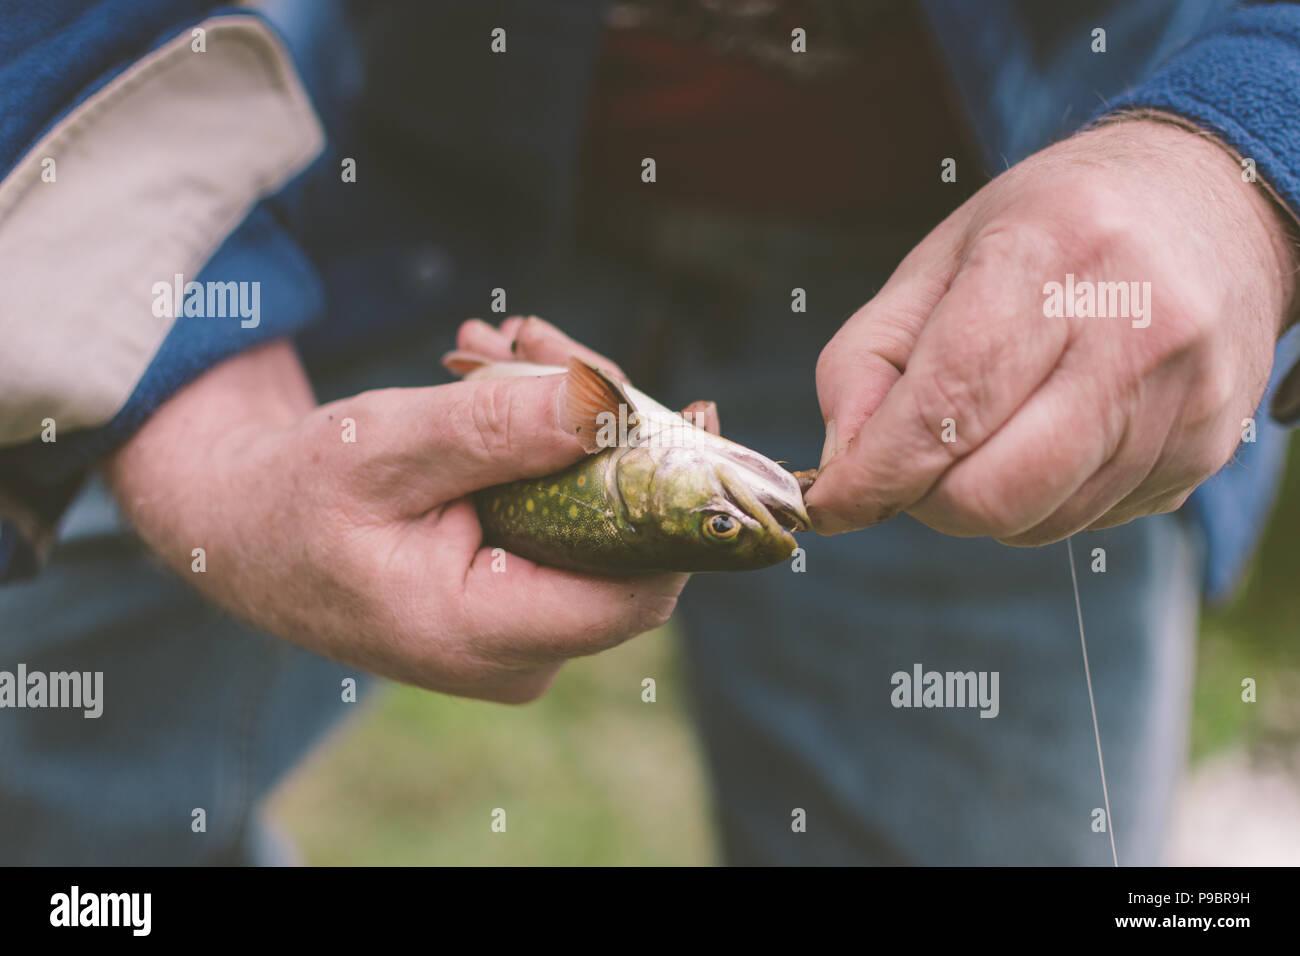 Entfernen eines Haken aus einem Fisch-Catch und Release Stockbild